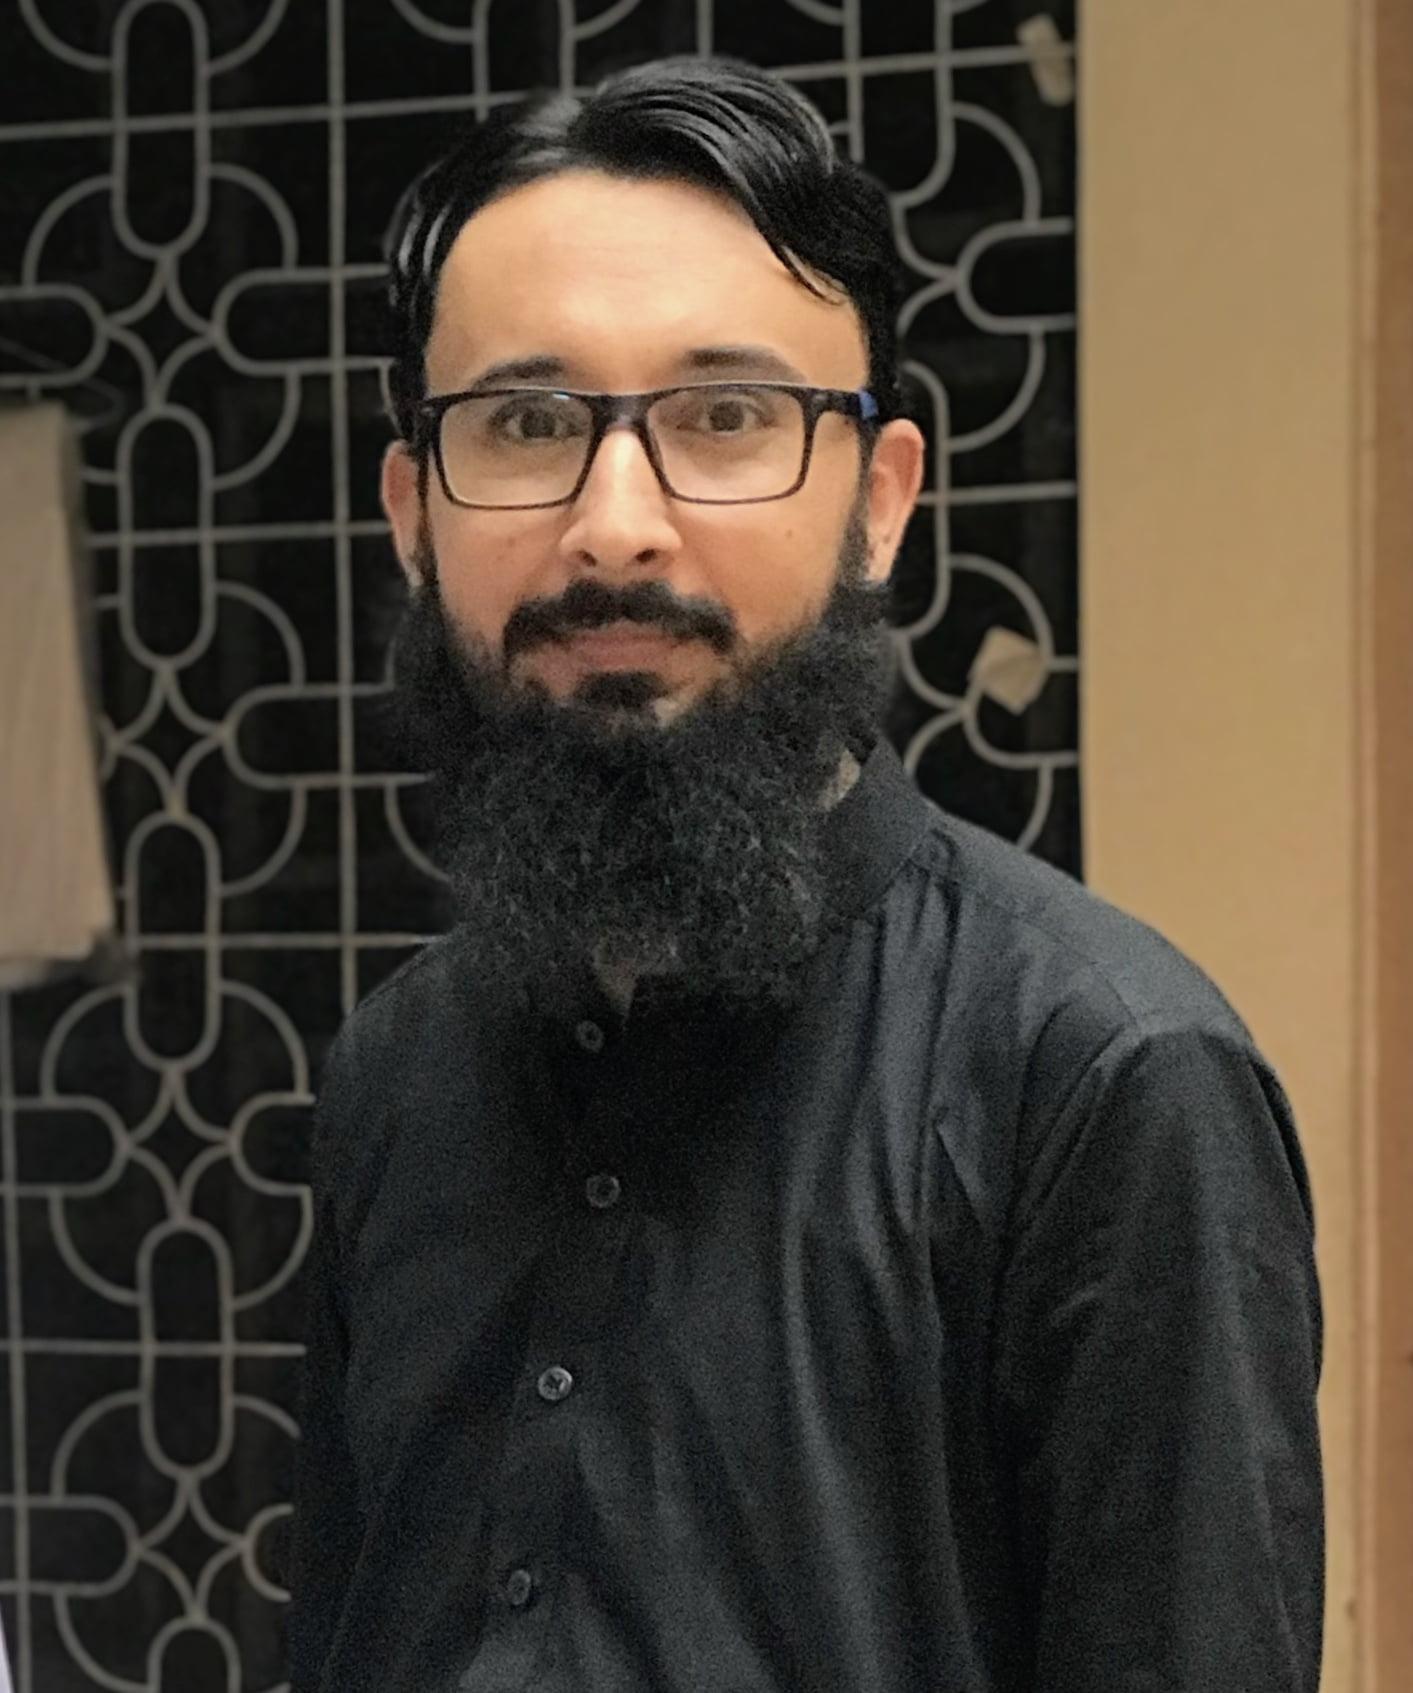 Jamil Anwar